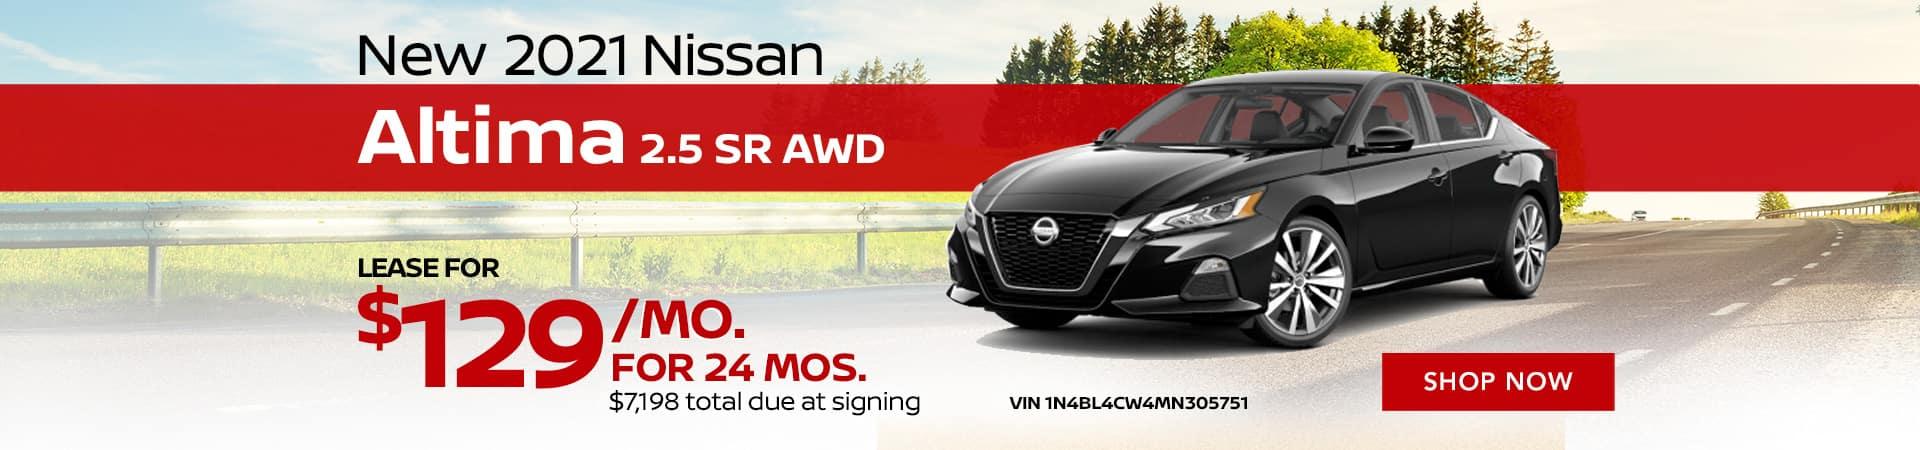 BNW_1920x450New 2021 Nissan _Altima 2.5 SR AWD __4'21